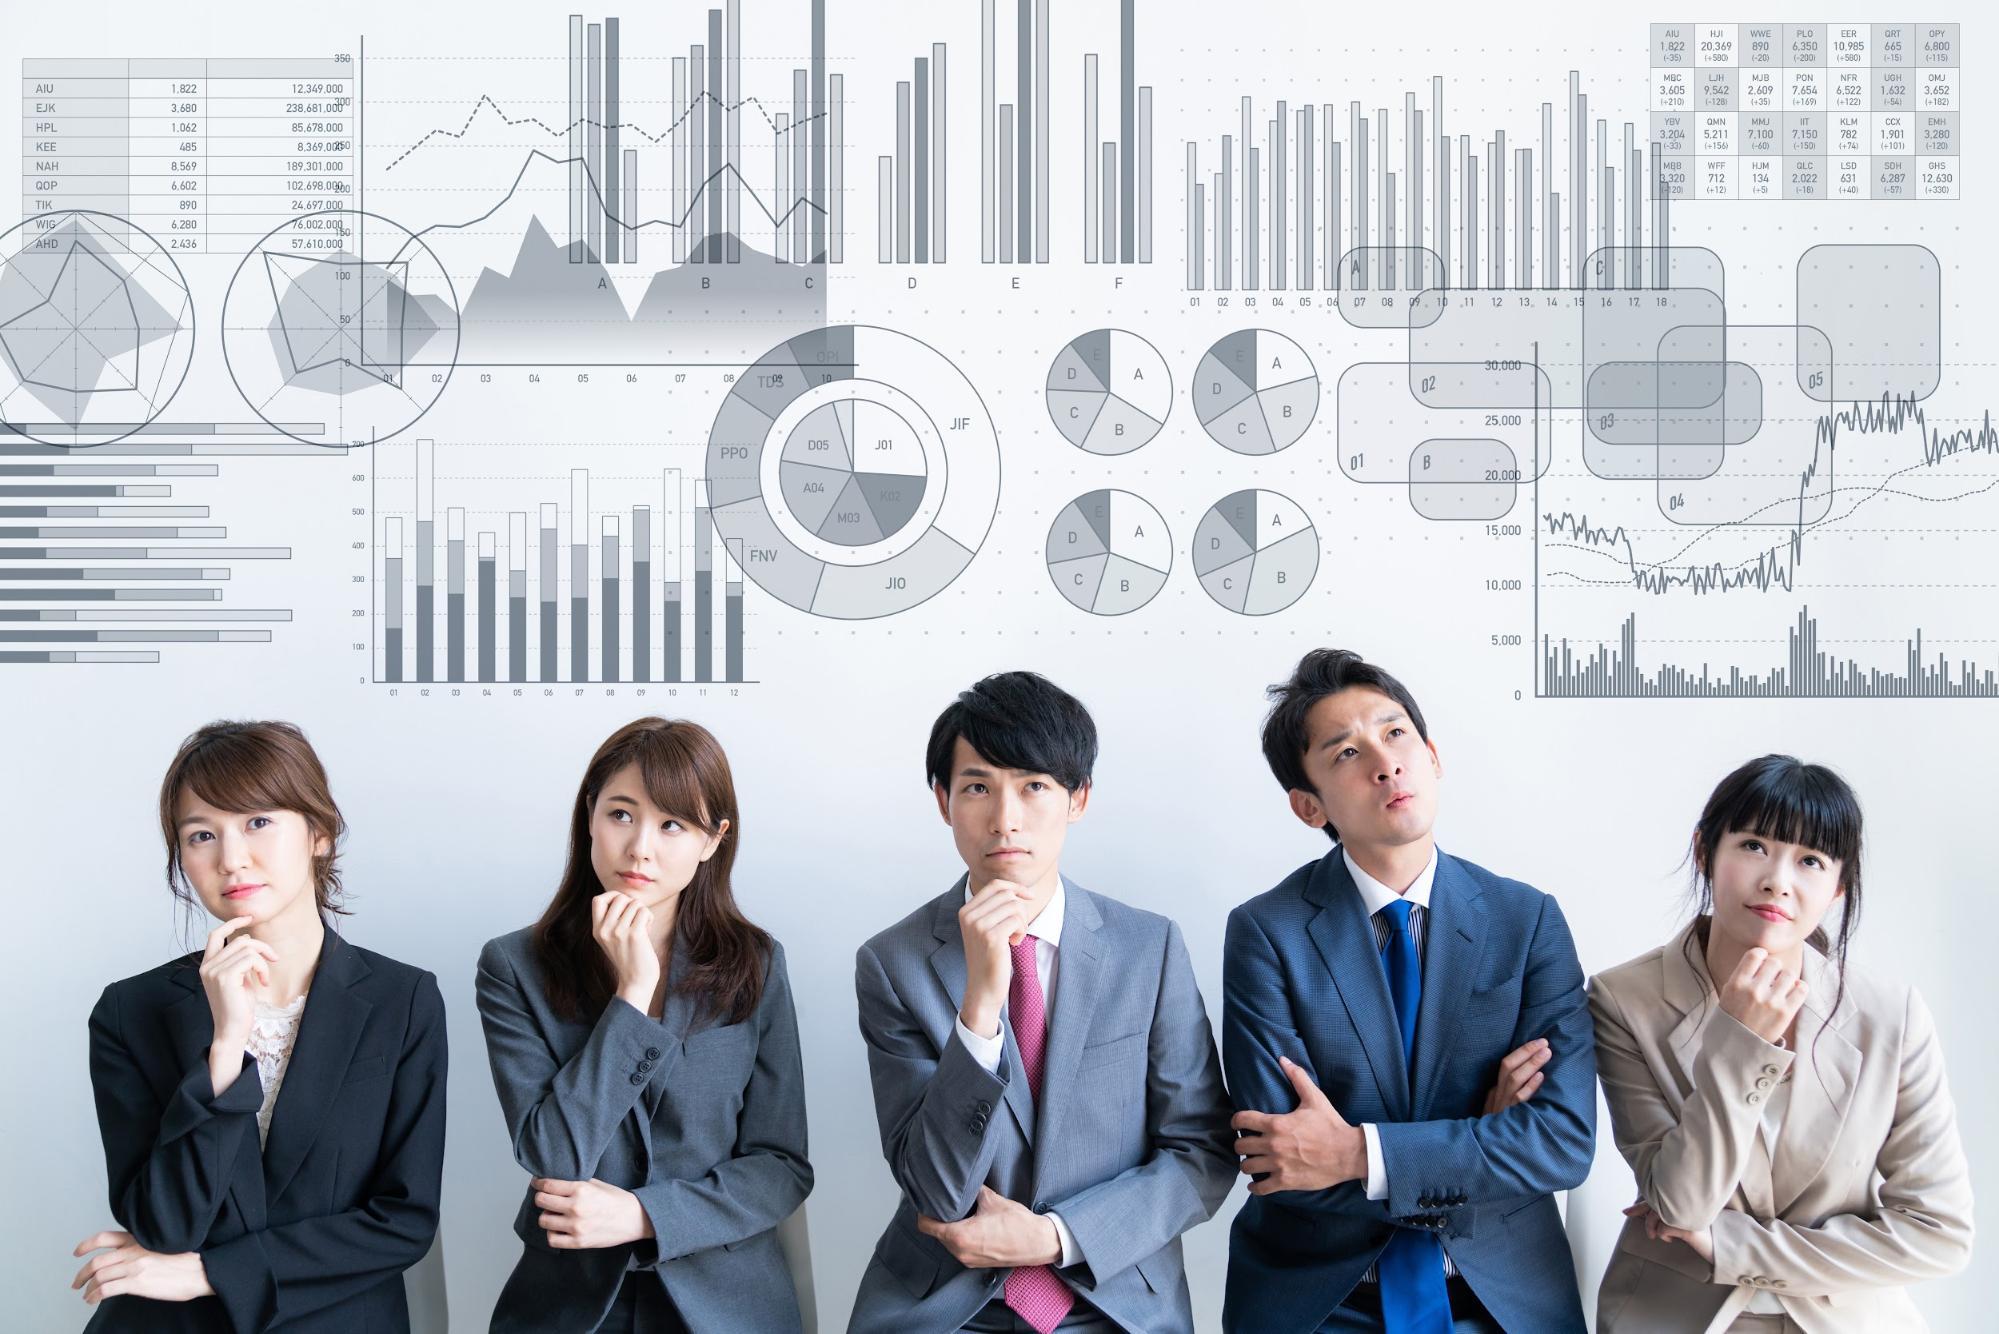 【2022年卒】新卒採用市場の動向・変化を考察